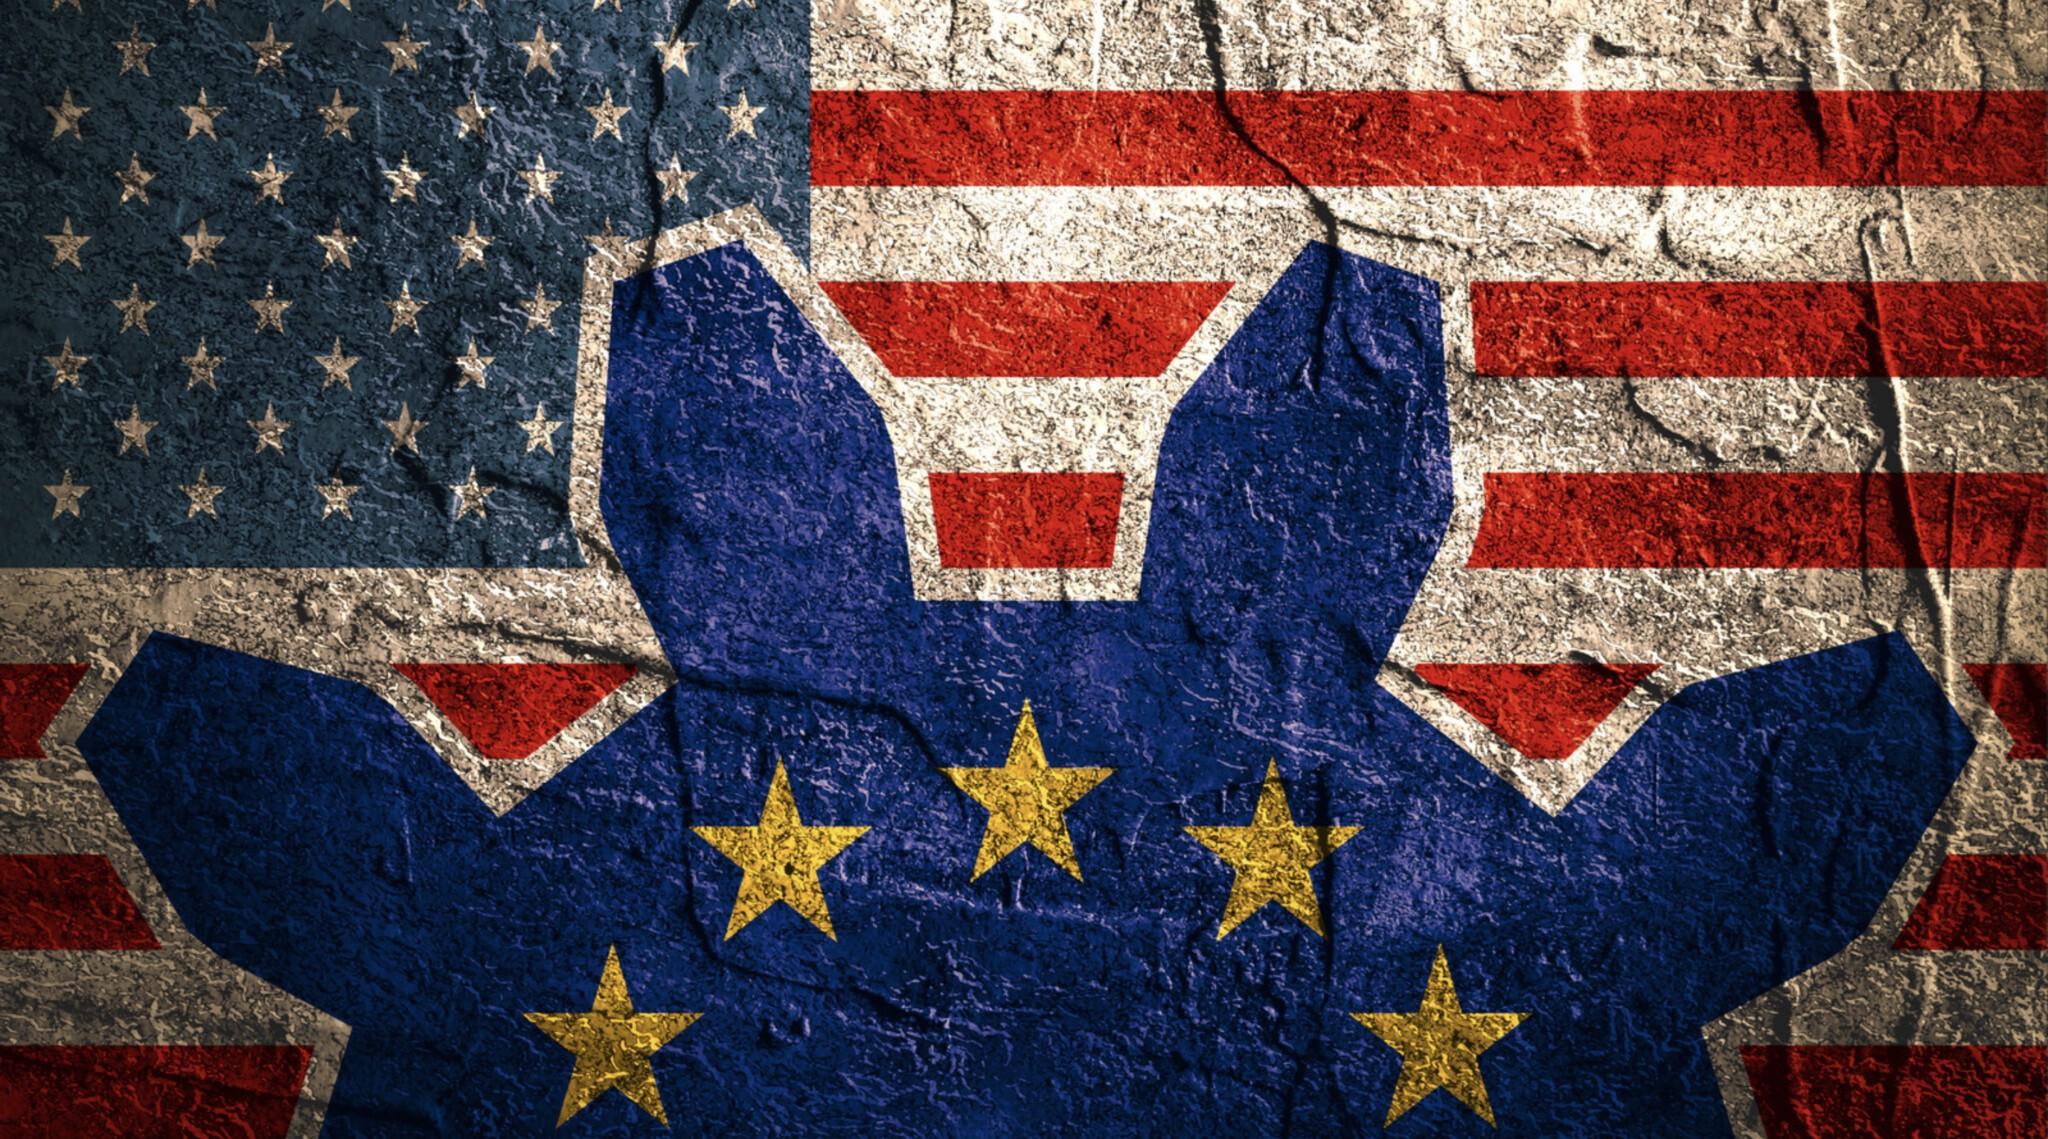 Současné výzvy a příležitosti pro evropskou bezpečnost, NATO a obranu v transatlantické perspektivě; Vztahy s Ruskem a Čínou